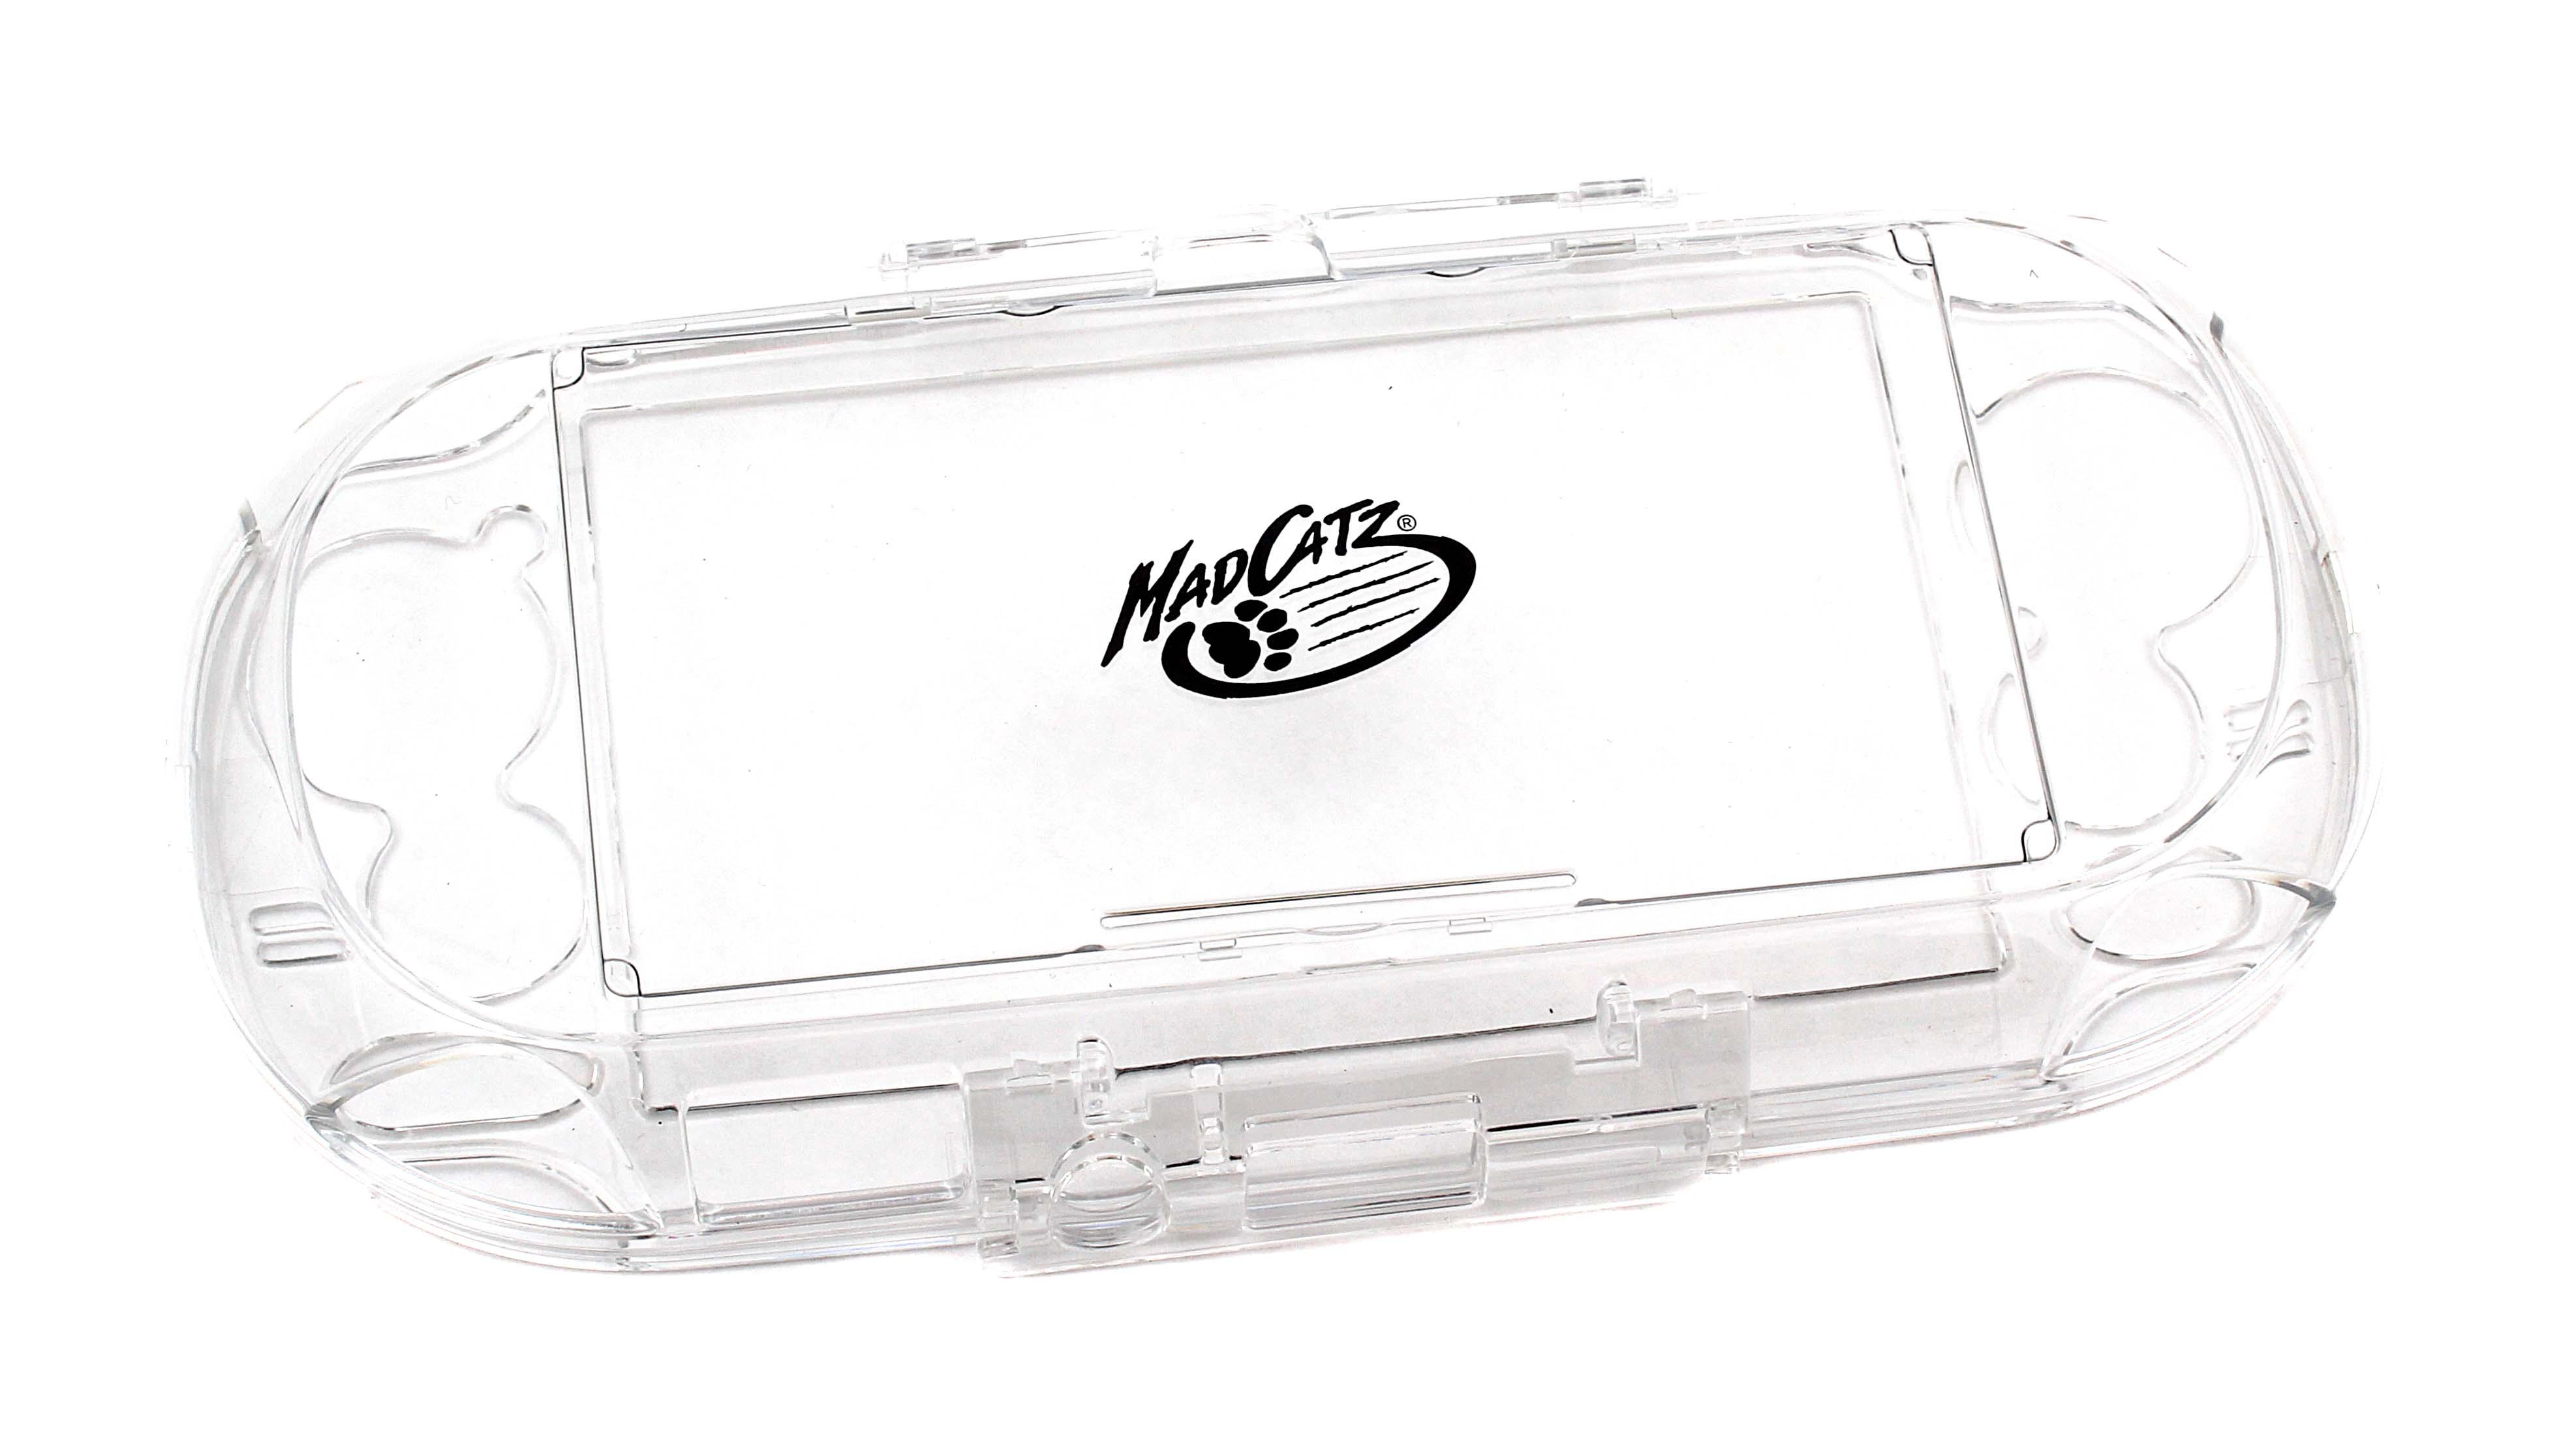 Аксессуары для Playstation Vita Mad catz Real Brand Technics 99.000